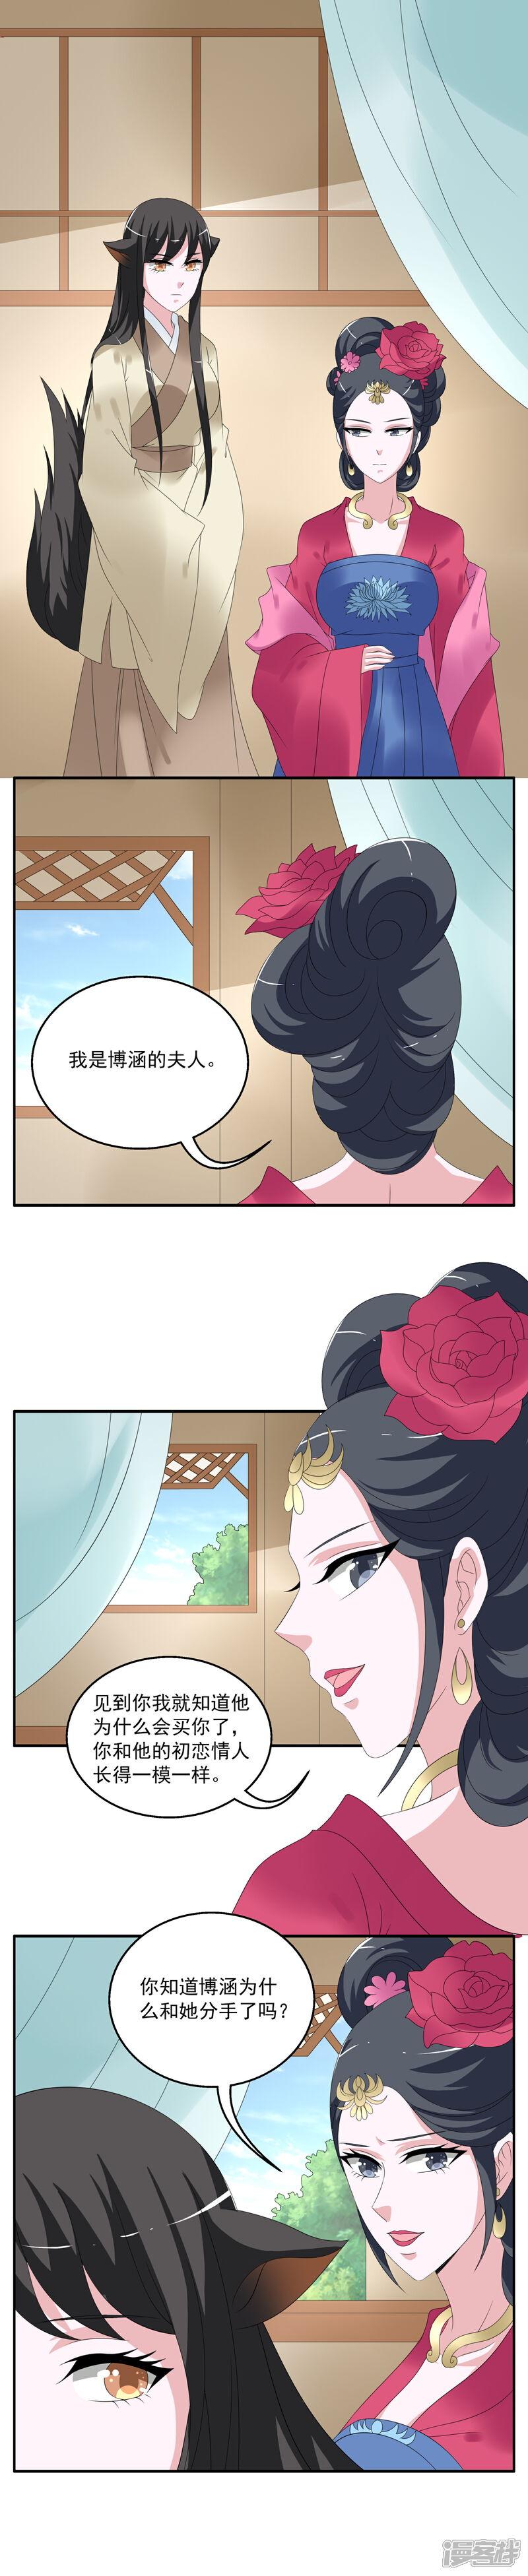 洛小妖154 (6).JPG